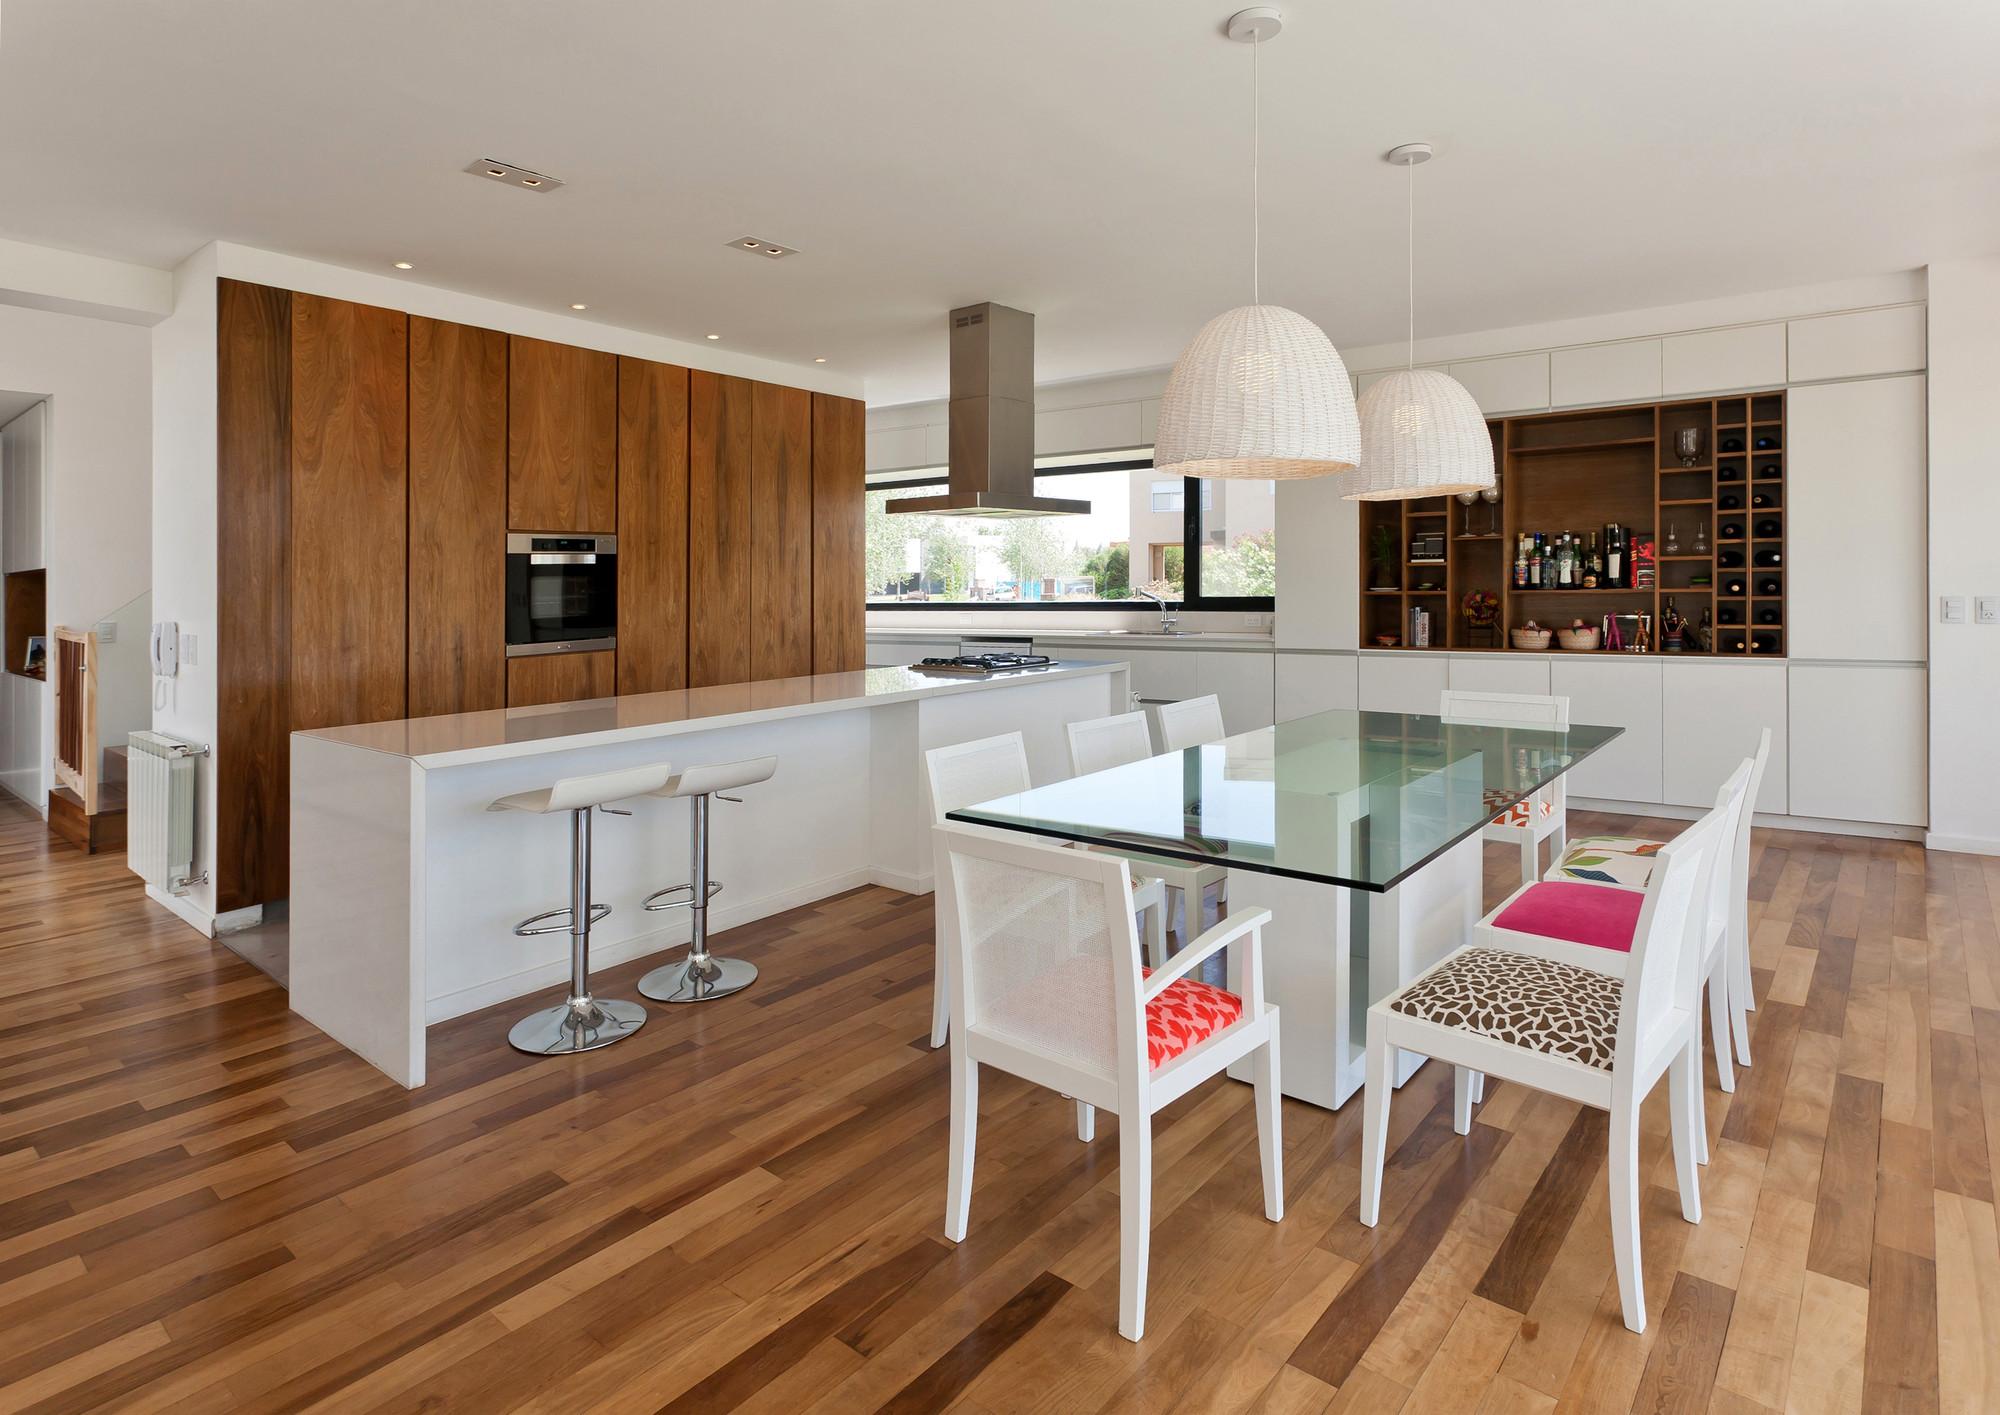 Gallery of mc house vismaracorsi arquitectos 4 for Modelos de pisos para cocina